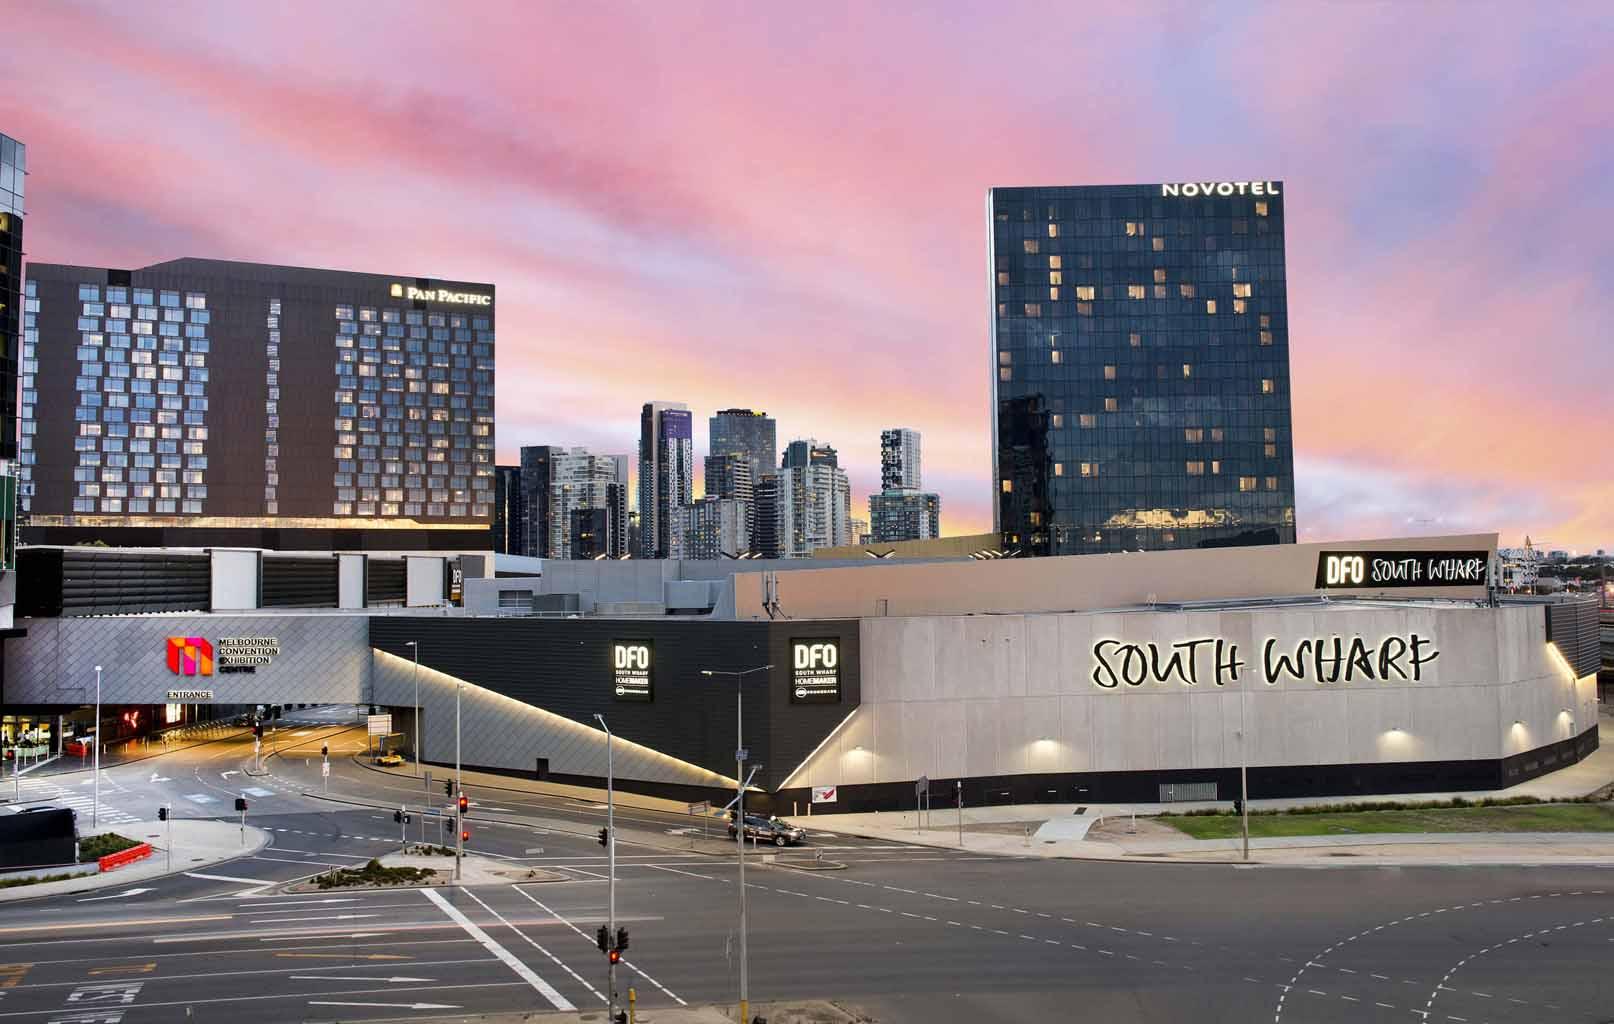 DFO South Wharf